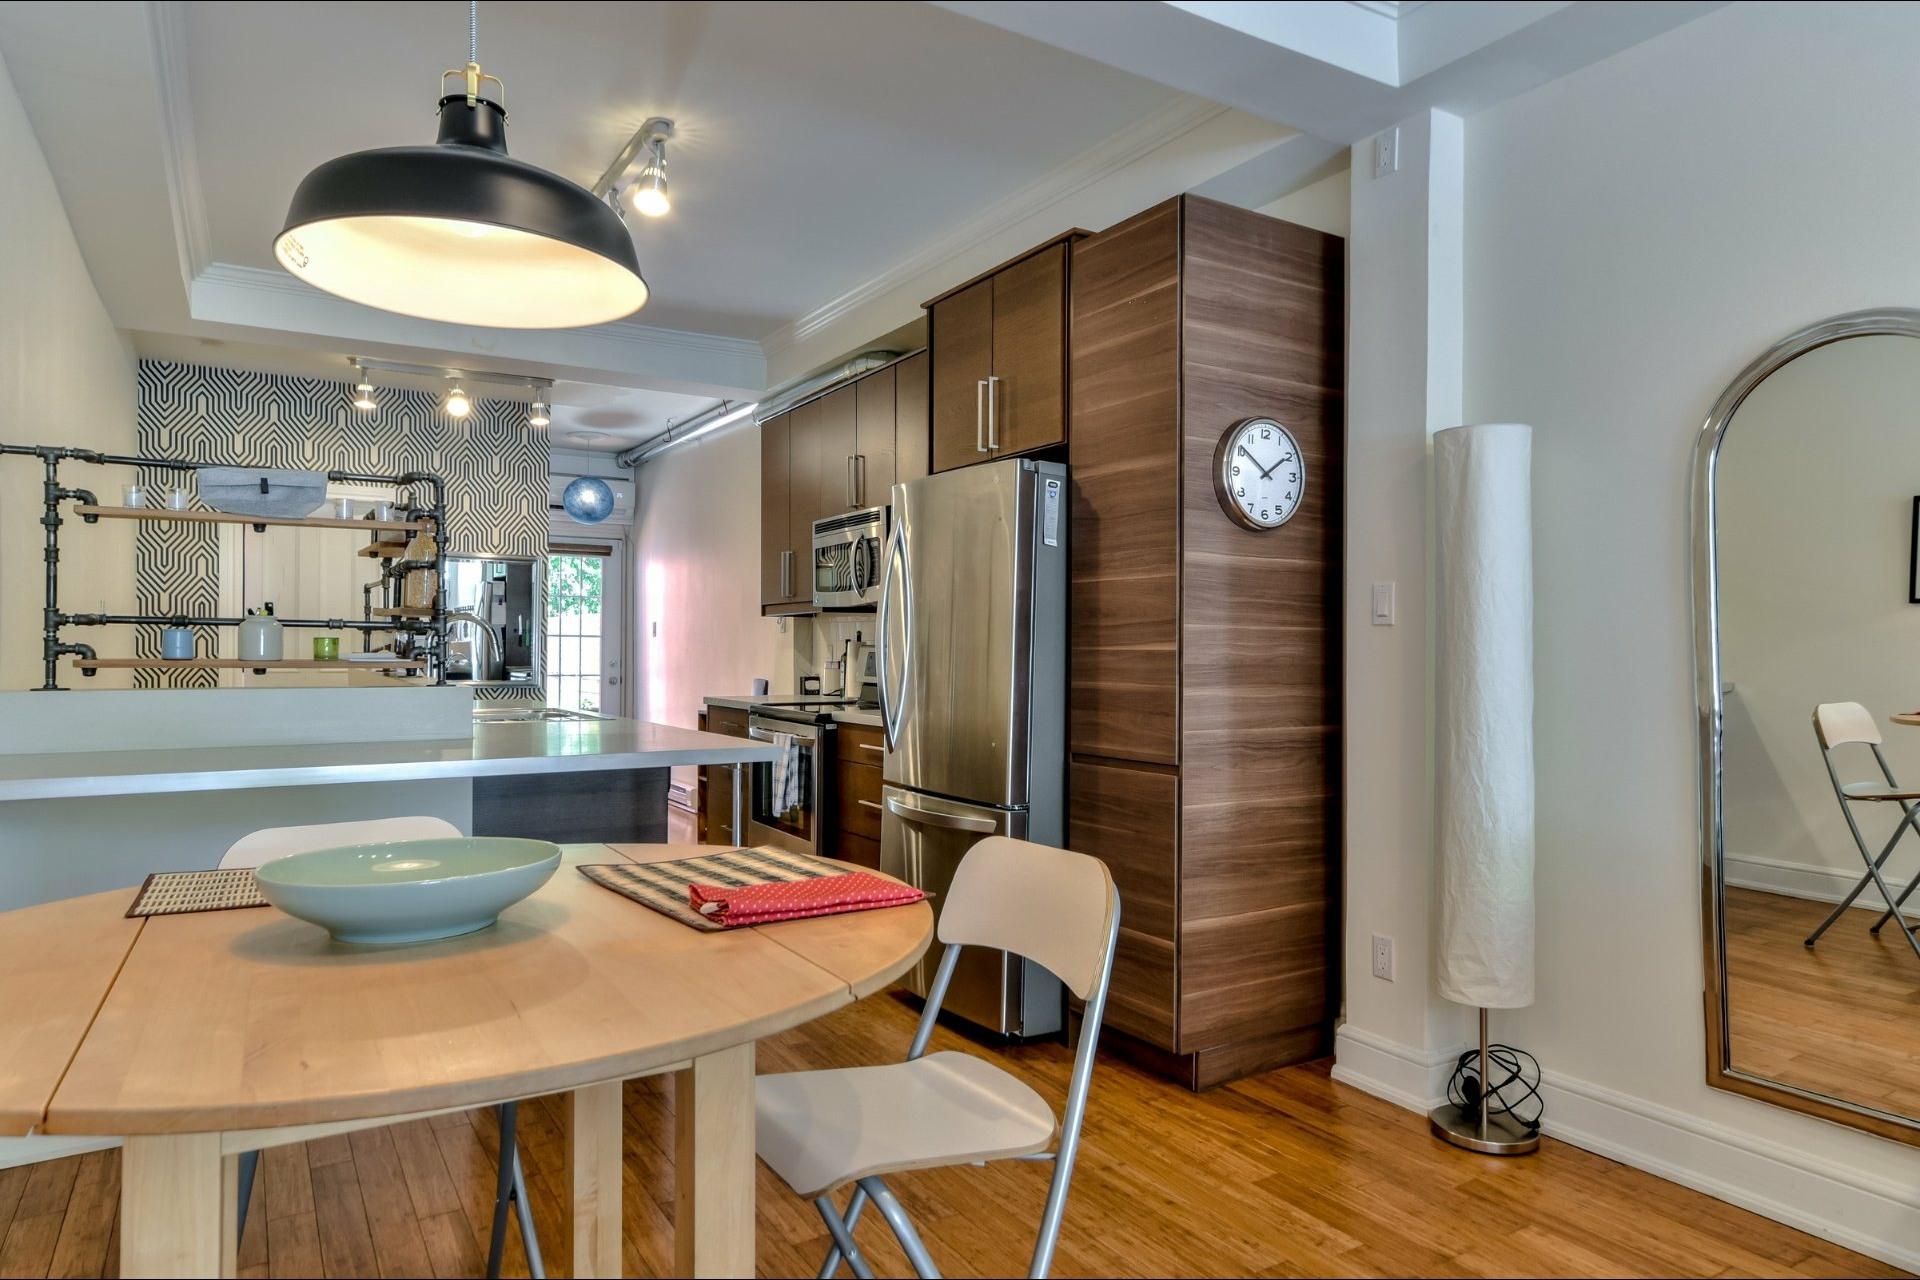 image 2 - Appartement À vendre Le Plateau-Mont-Royal Montréal  - 5 pièces